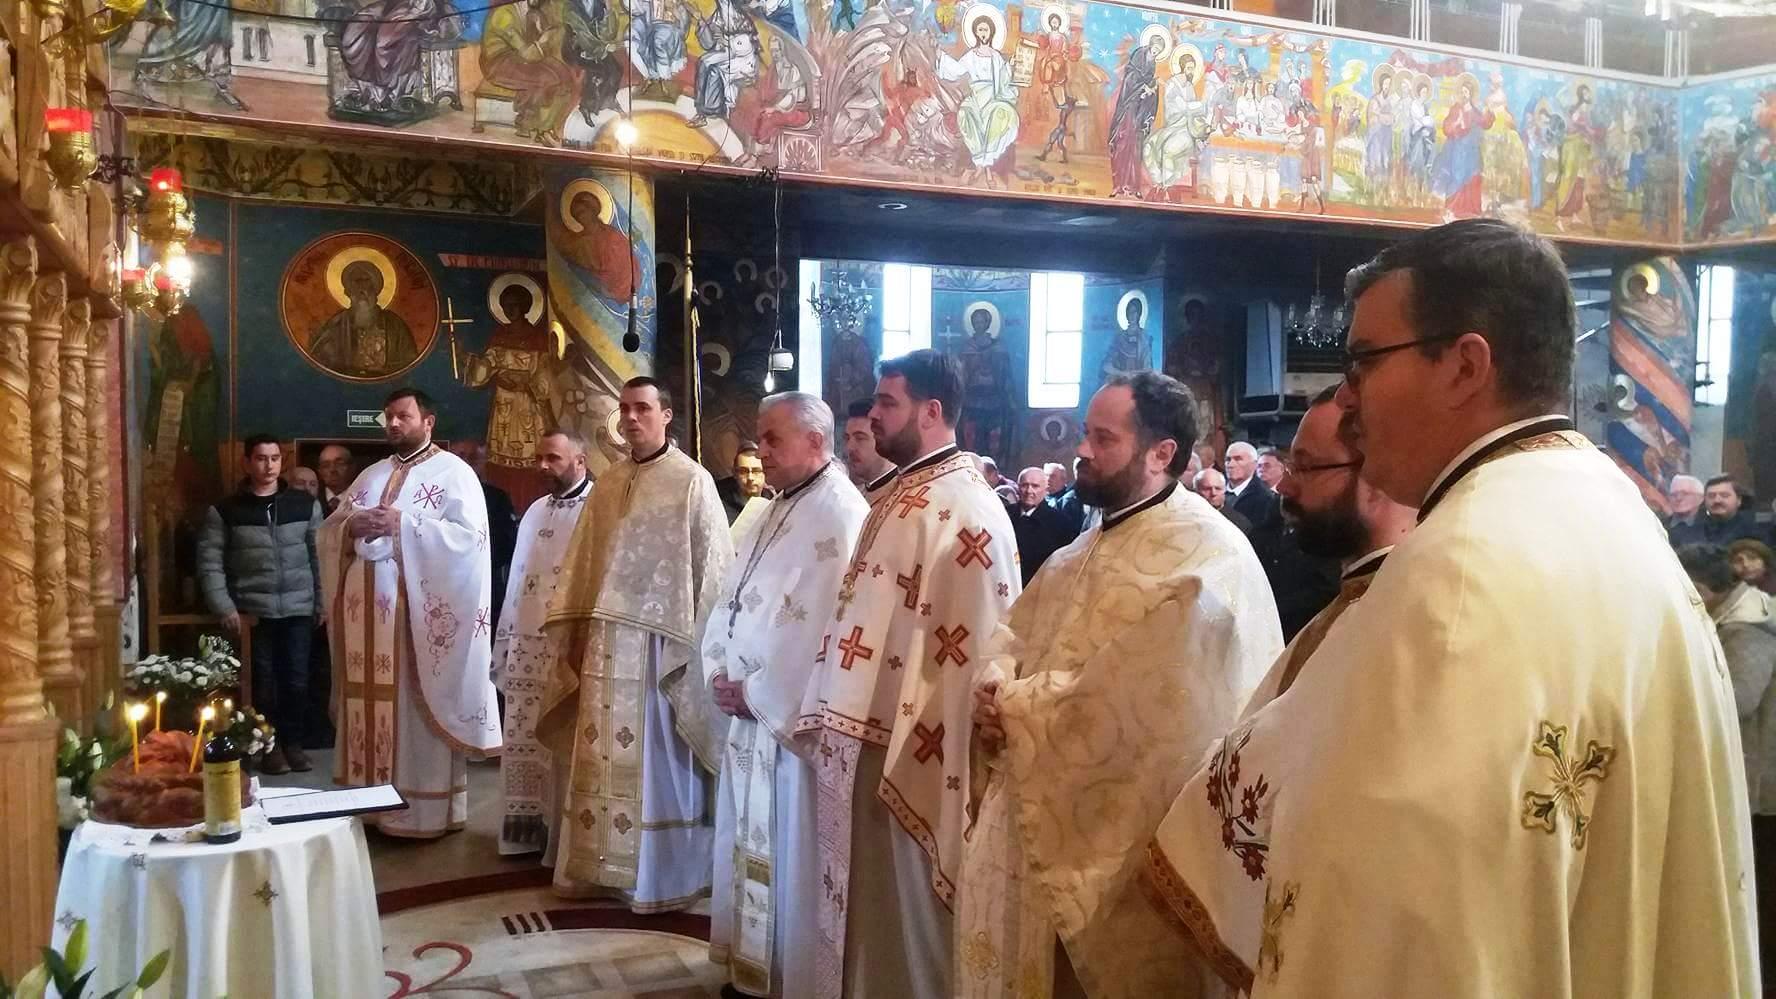 """Evenimente duhovnicești în parohia """"Sfinții Arhangheli Mihail și Gavriil"""" din cartierul Dâmbul Rotund"""